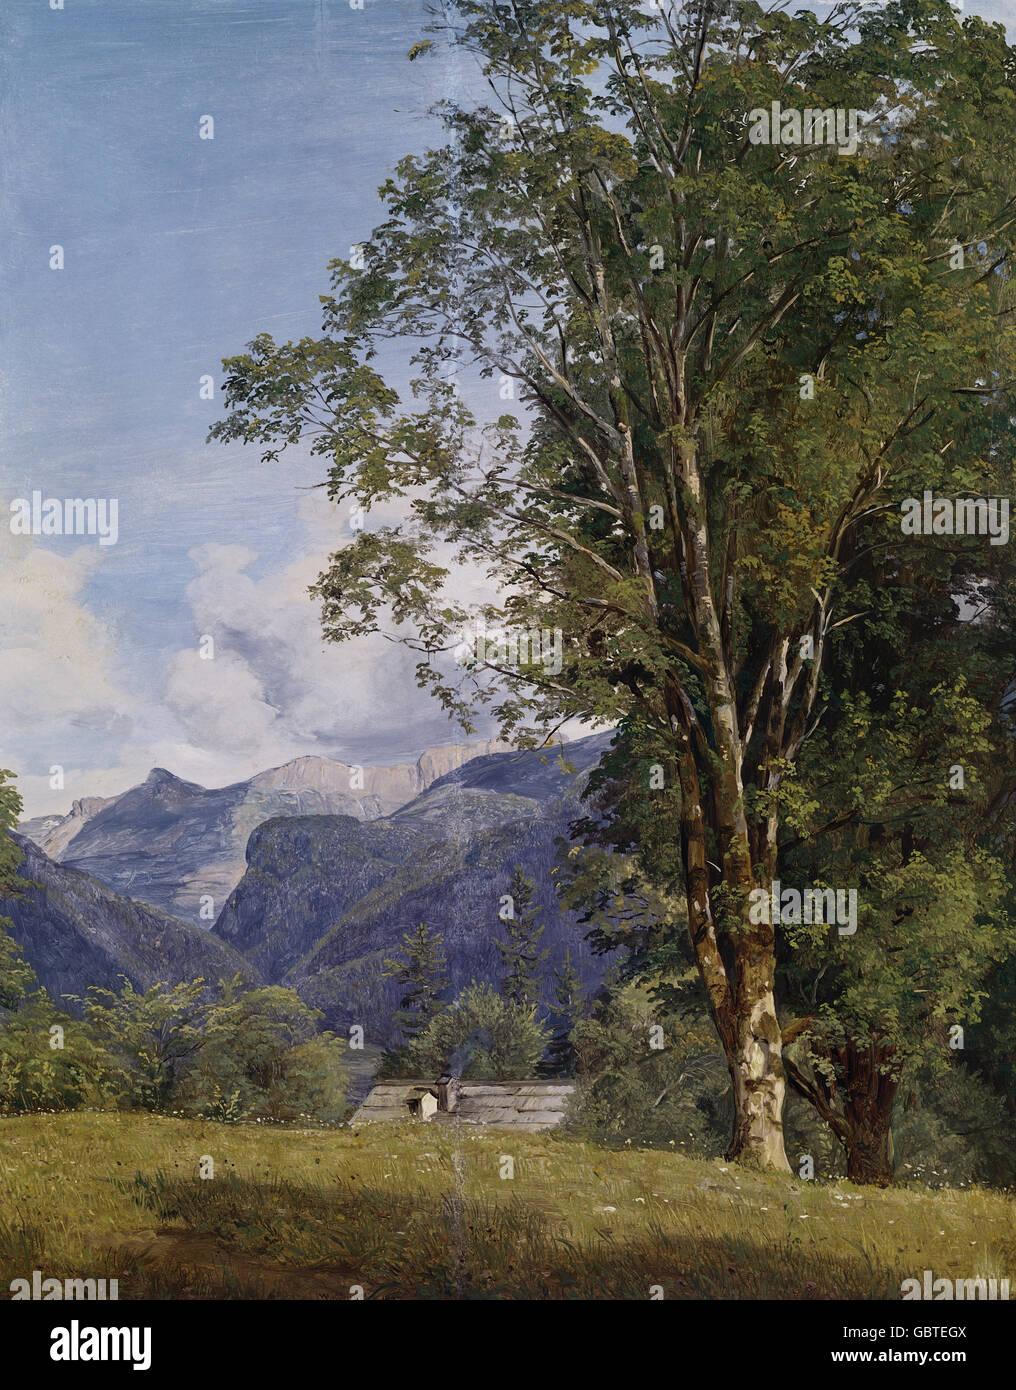 fine arts, Waldmueller, Ferdinand Georg (1793 - 1865), painting 'Das Dorf Ahorn bei Ischl' (The Village - Stock Image